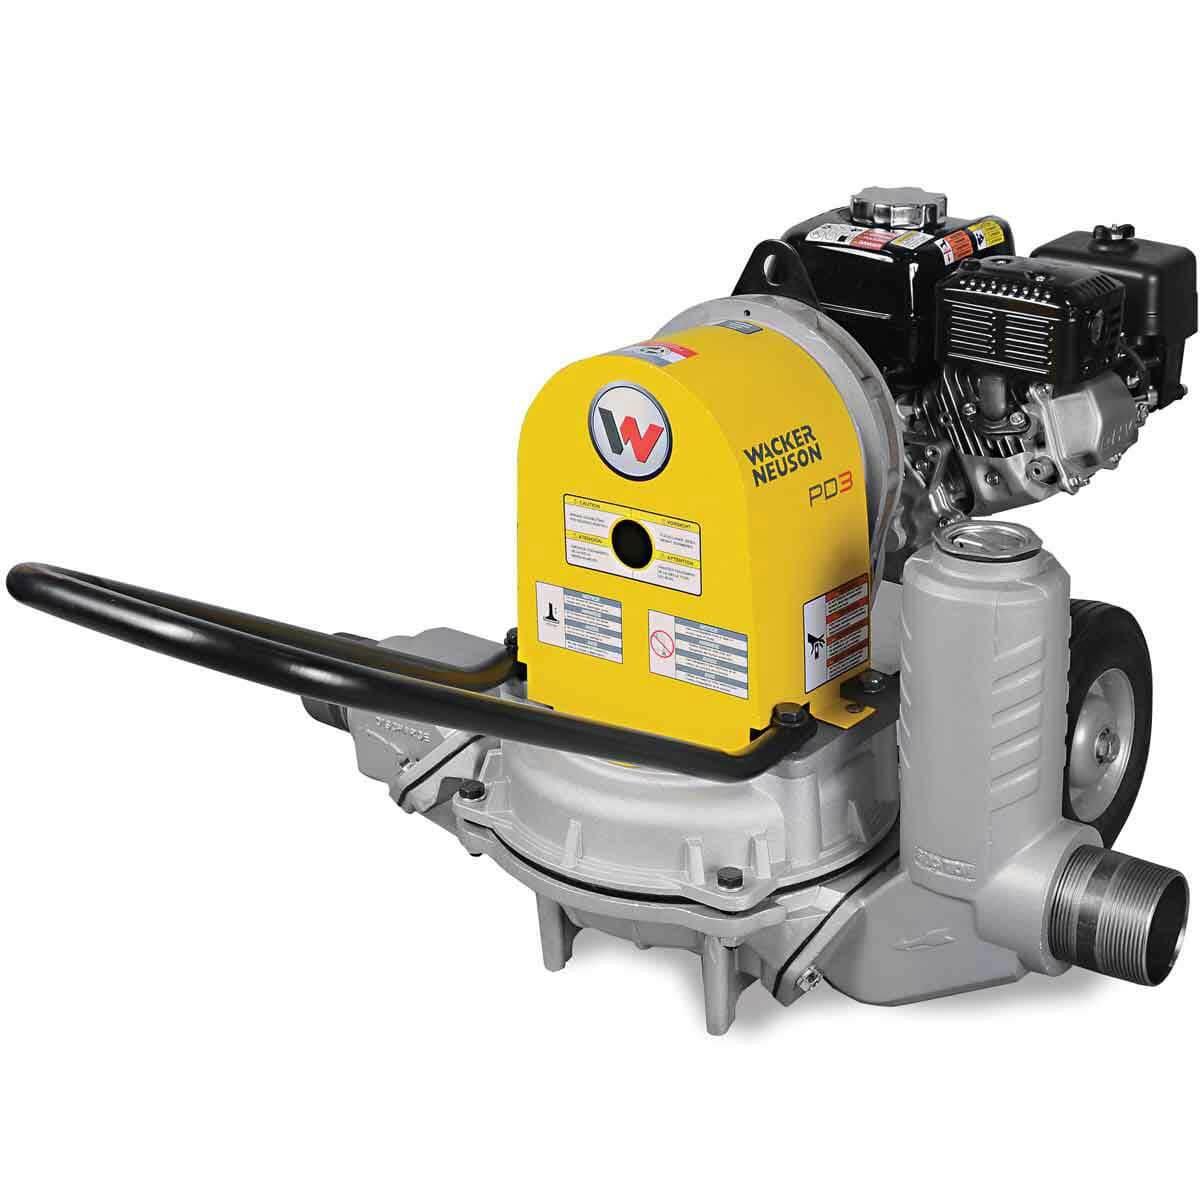 5000620773 DT 3A 3 inch Diaphragm Trash Pump